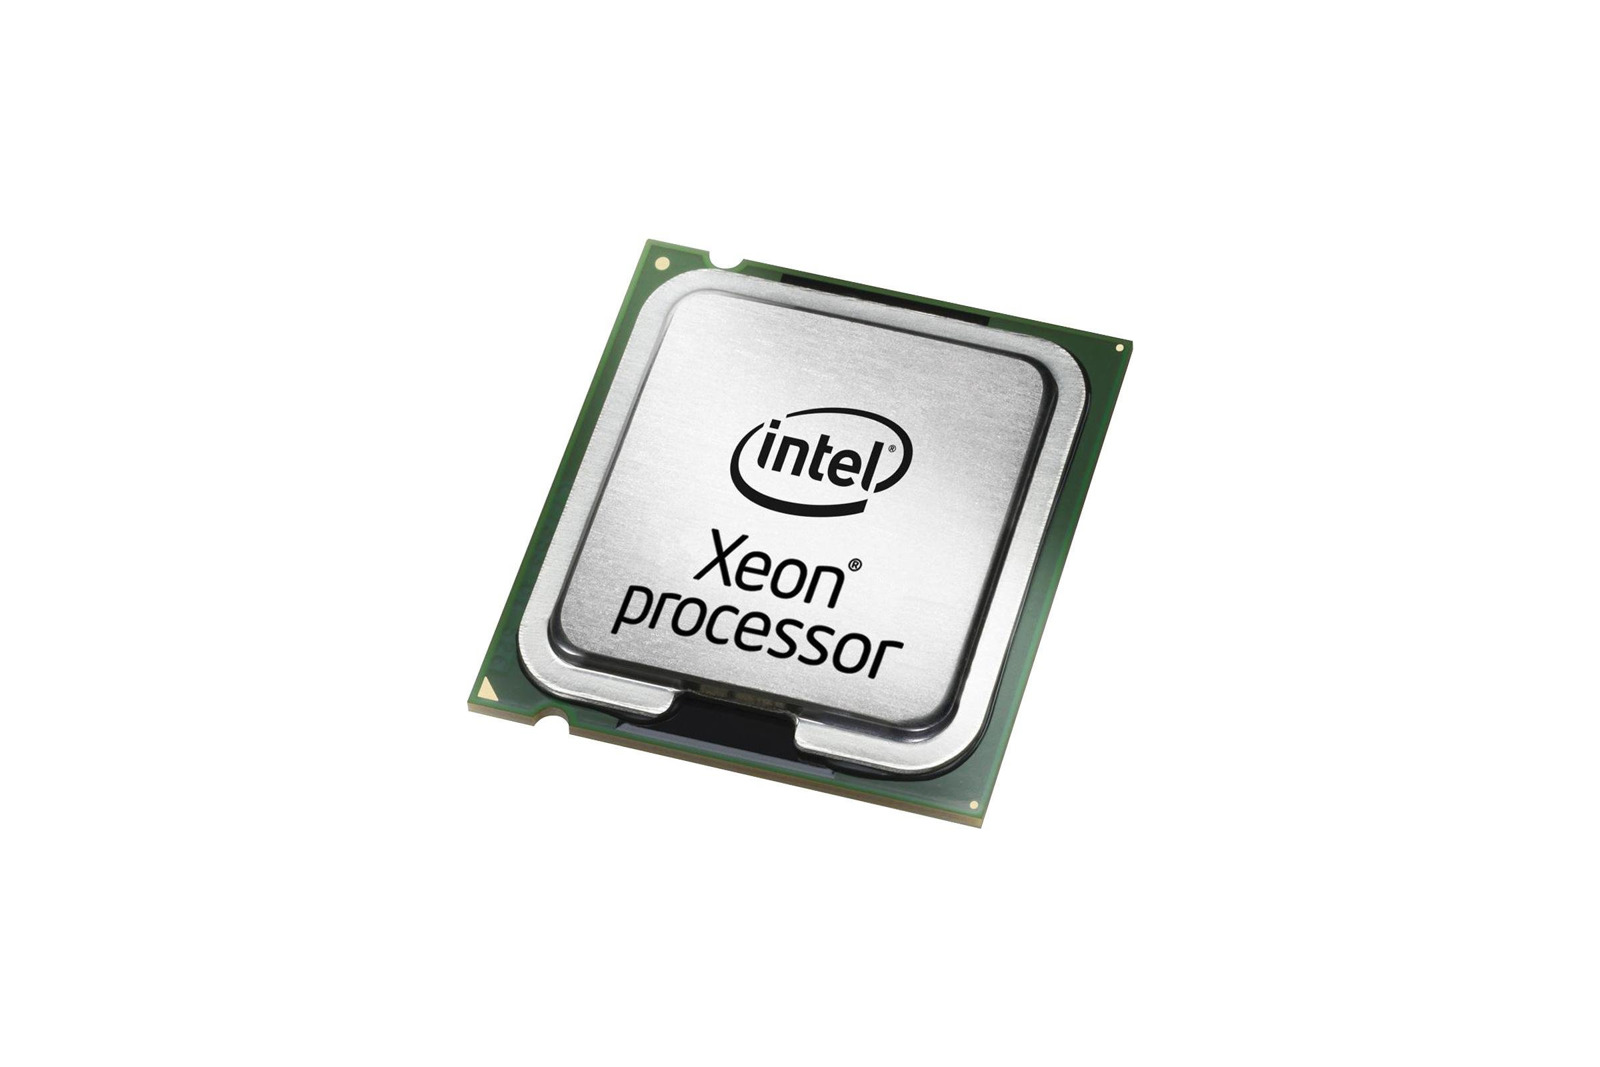 Processor Intel Xeon 3050 2,13GHz